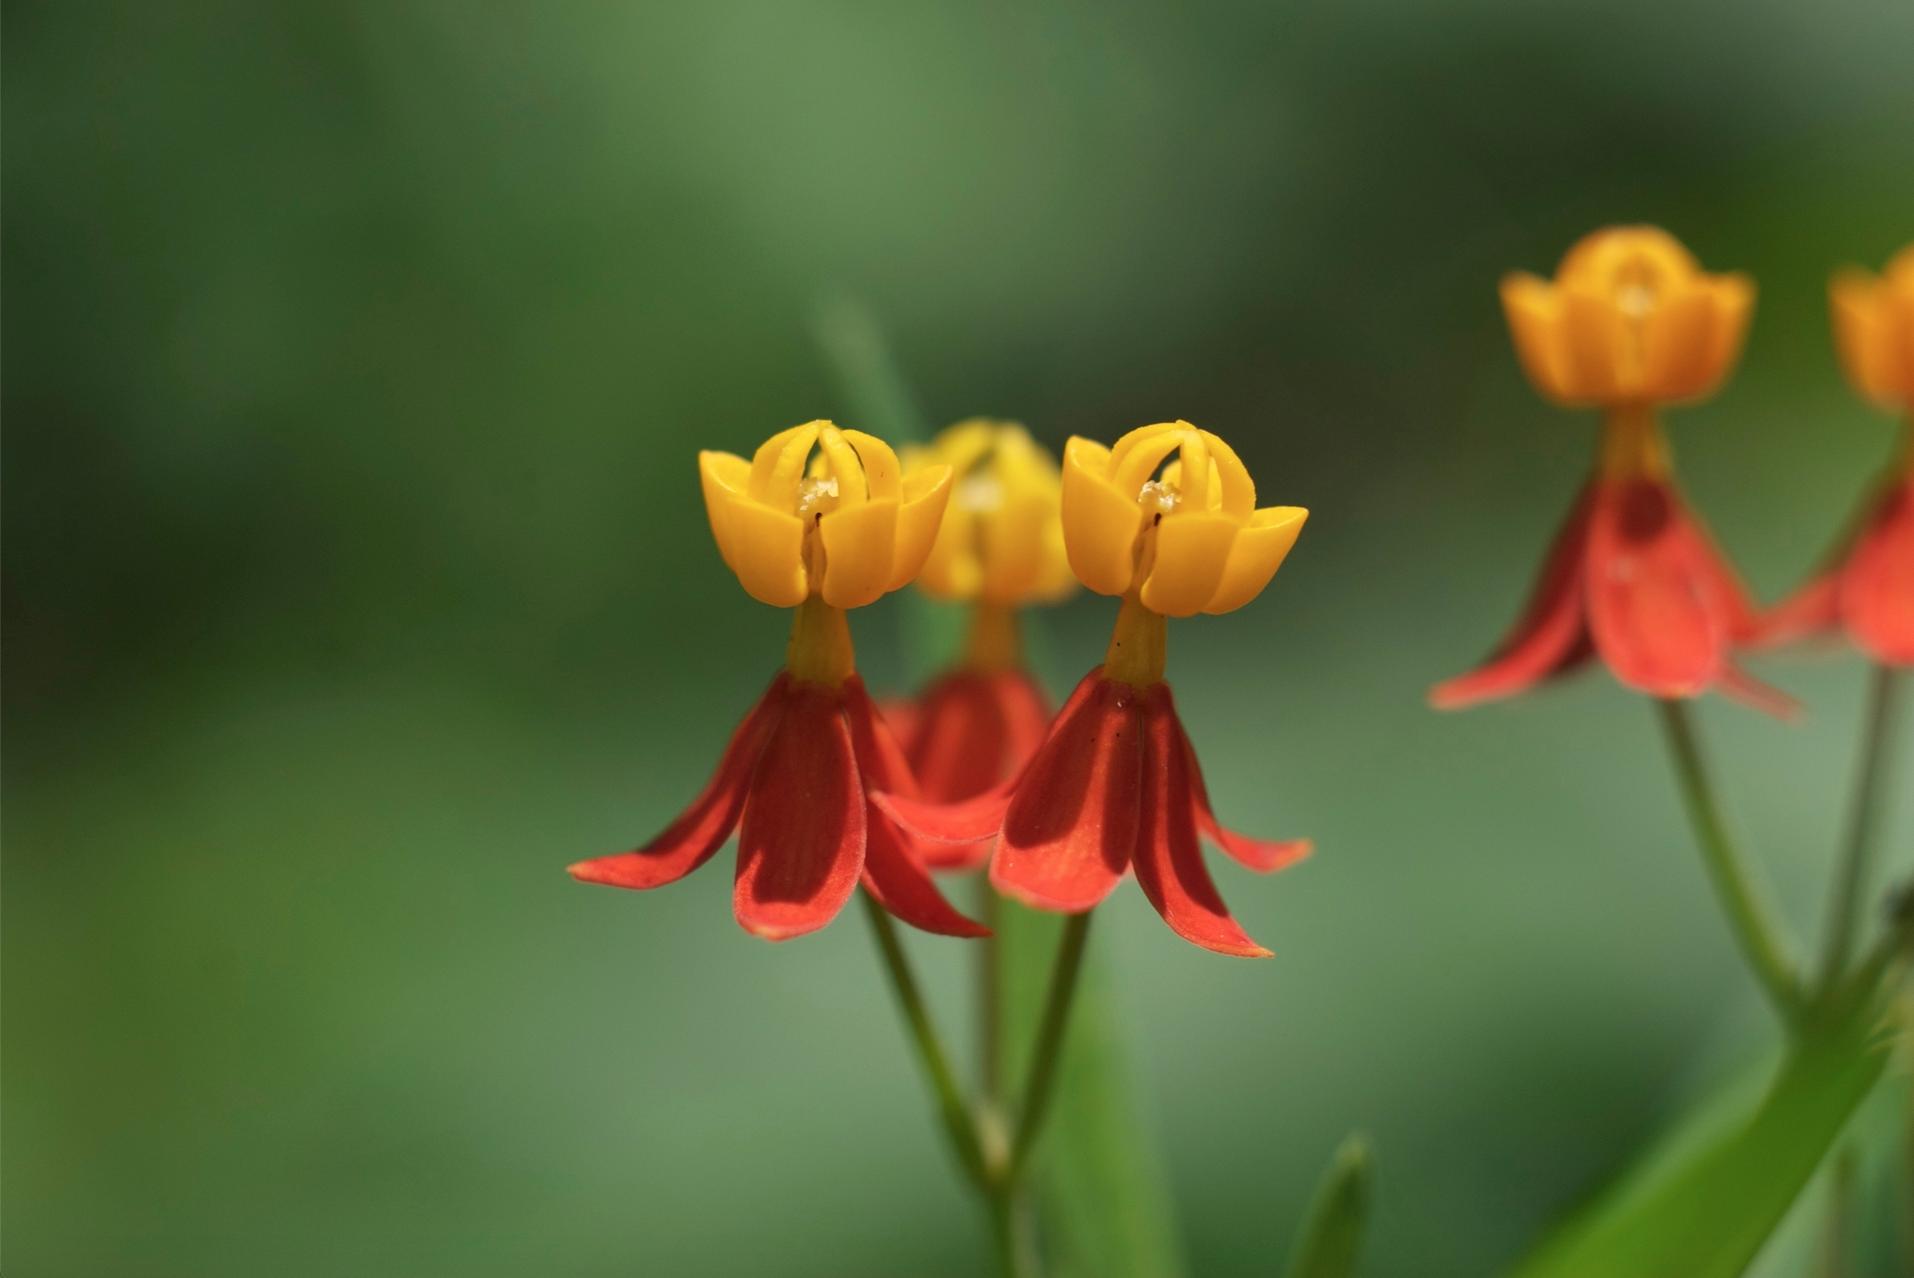 flor en el mariposario.jpg